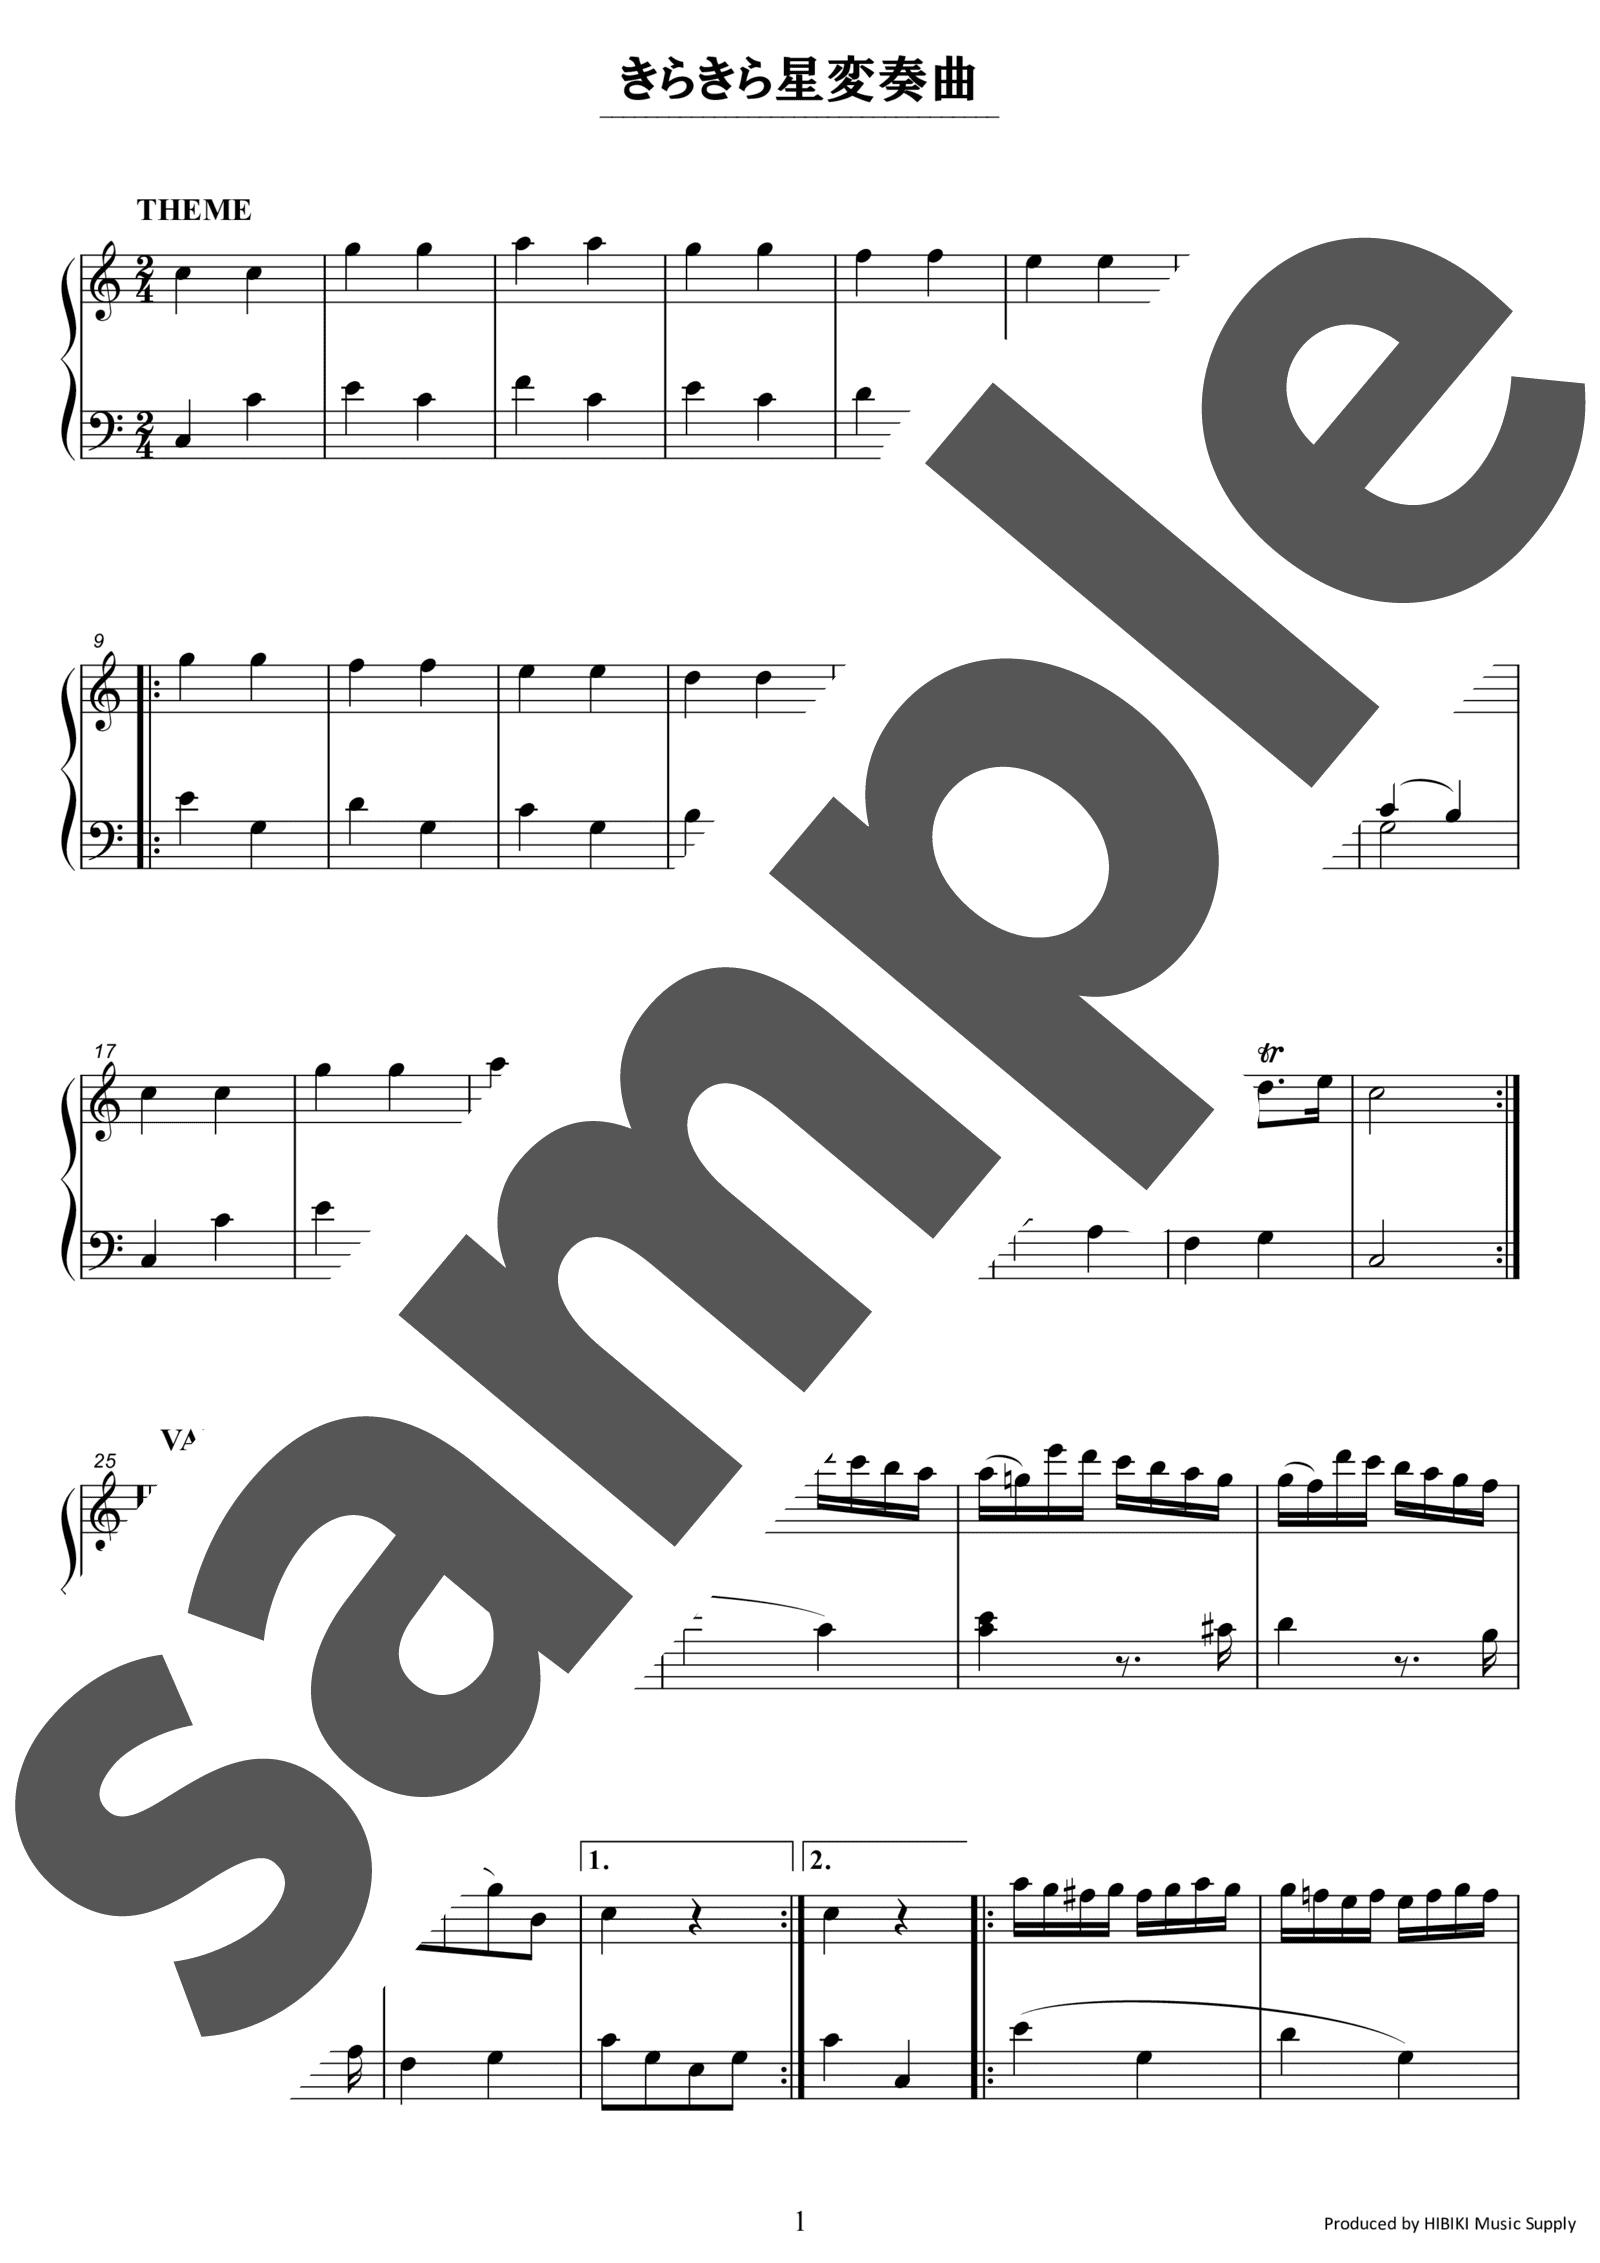 「きらきら星変奏曲」のサンプル楽譜